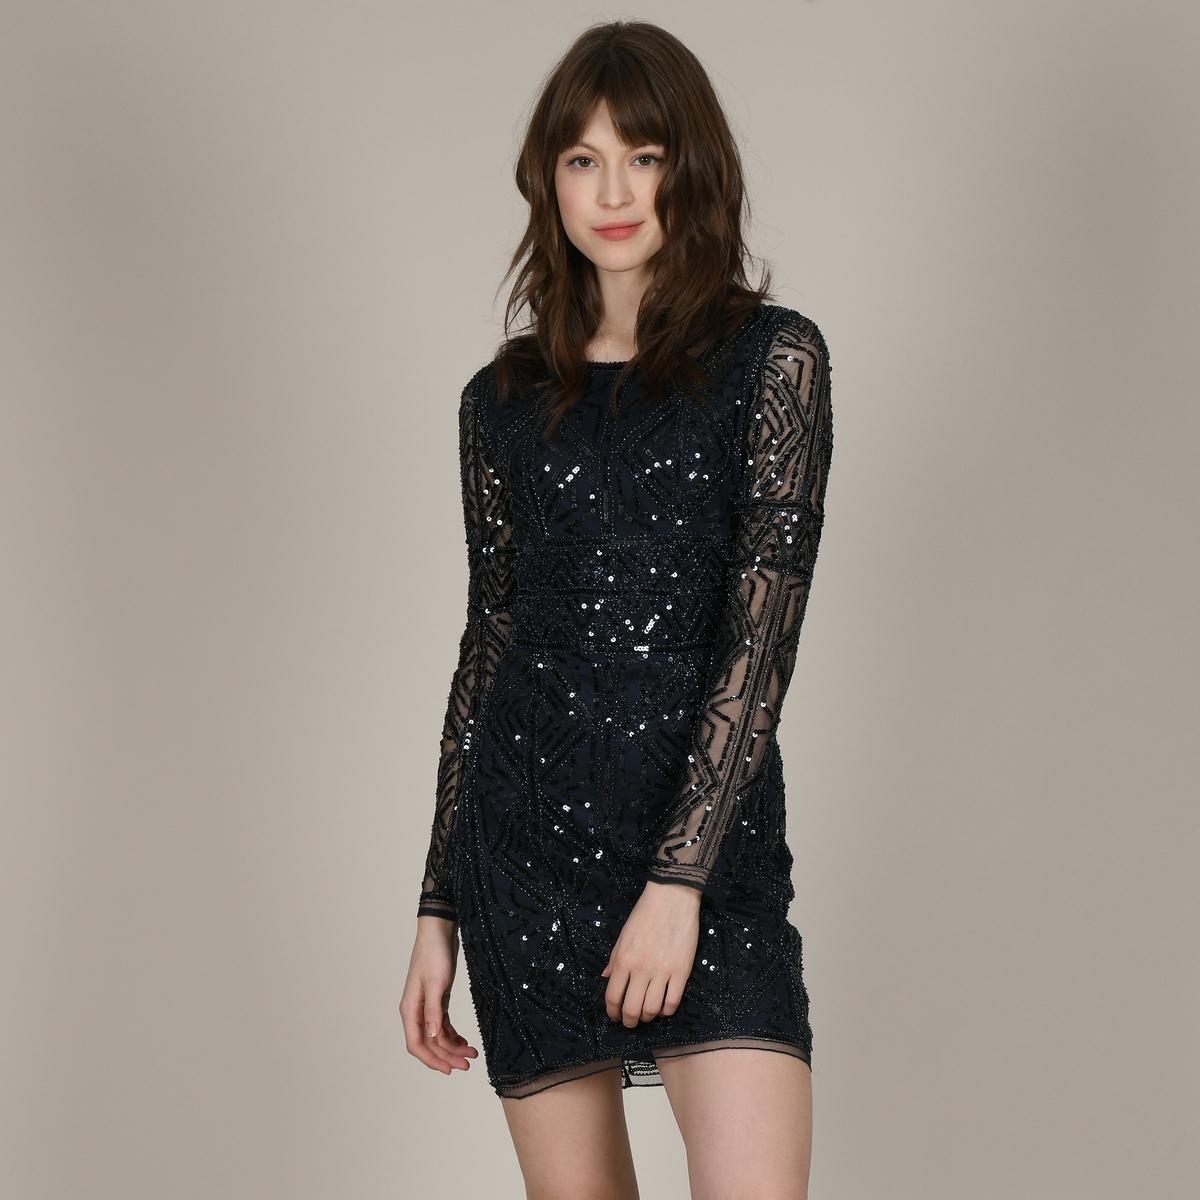 Платье La Redoute Короткое прямое с блестками и длинными рукавами M синий платье la redoute прямое струящееся cienna 2 m синий